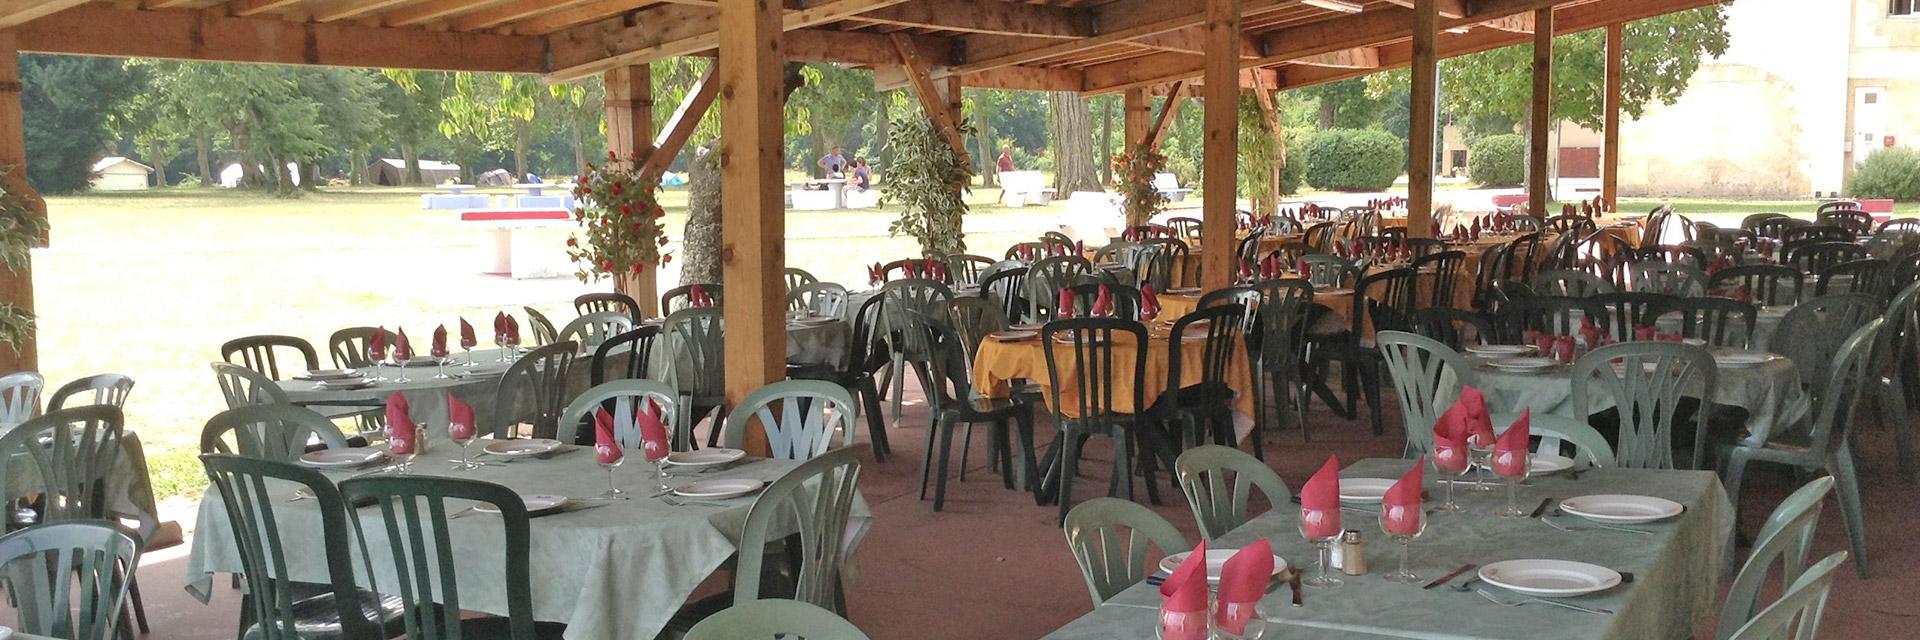 village-vacances-chateau-de-moulerens-restauration